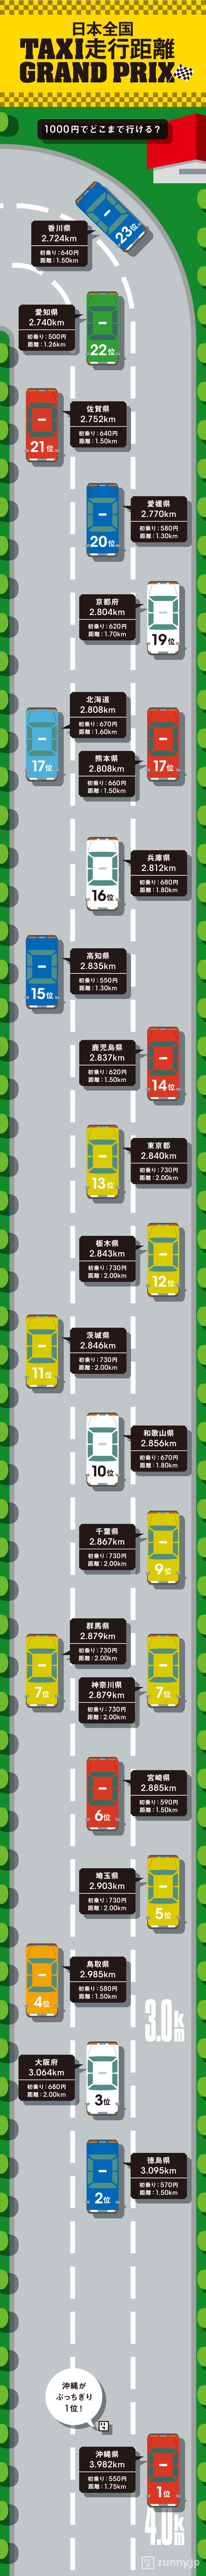 インフォグラフィック:全国タクシー初乗り料金と走行距離。ちょい乗りvsライドシェア